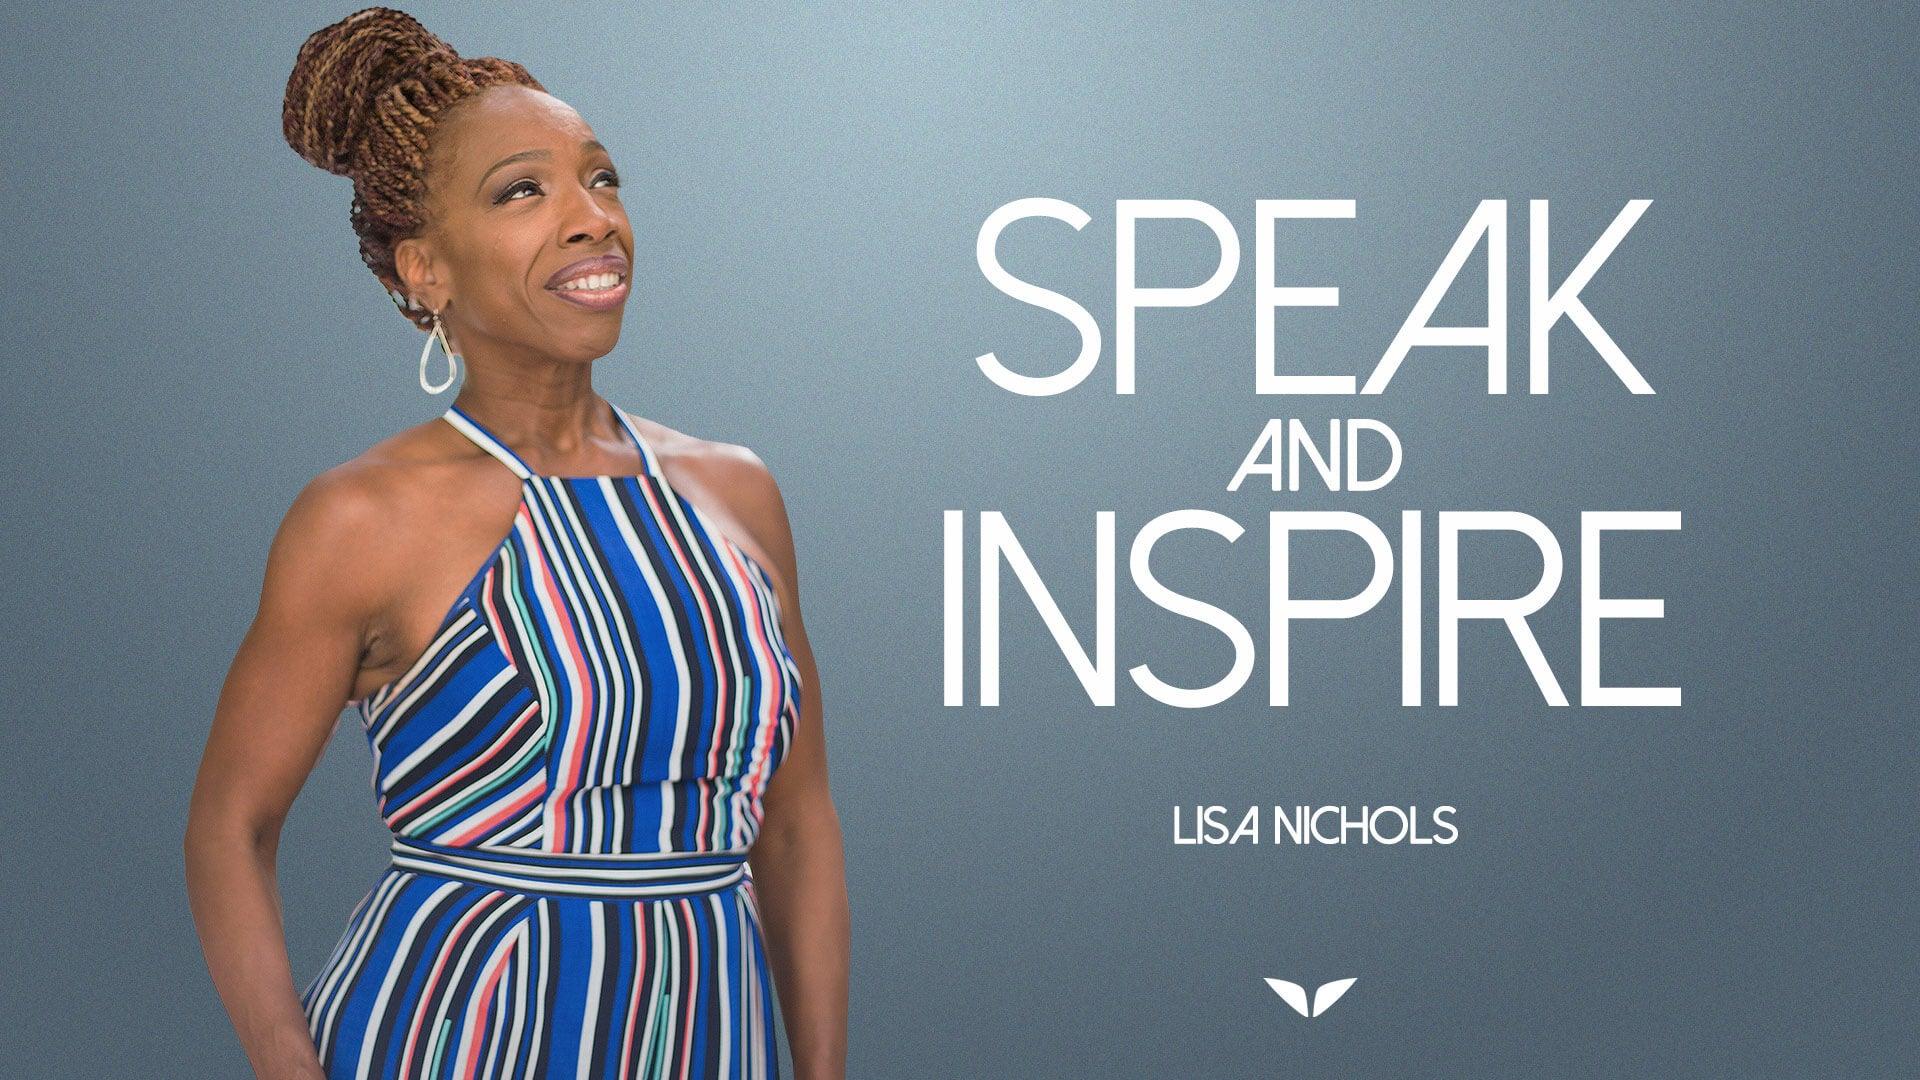 Speak and Inspire